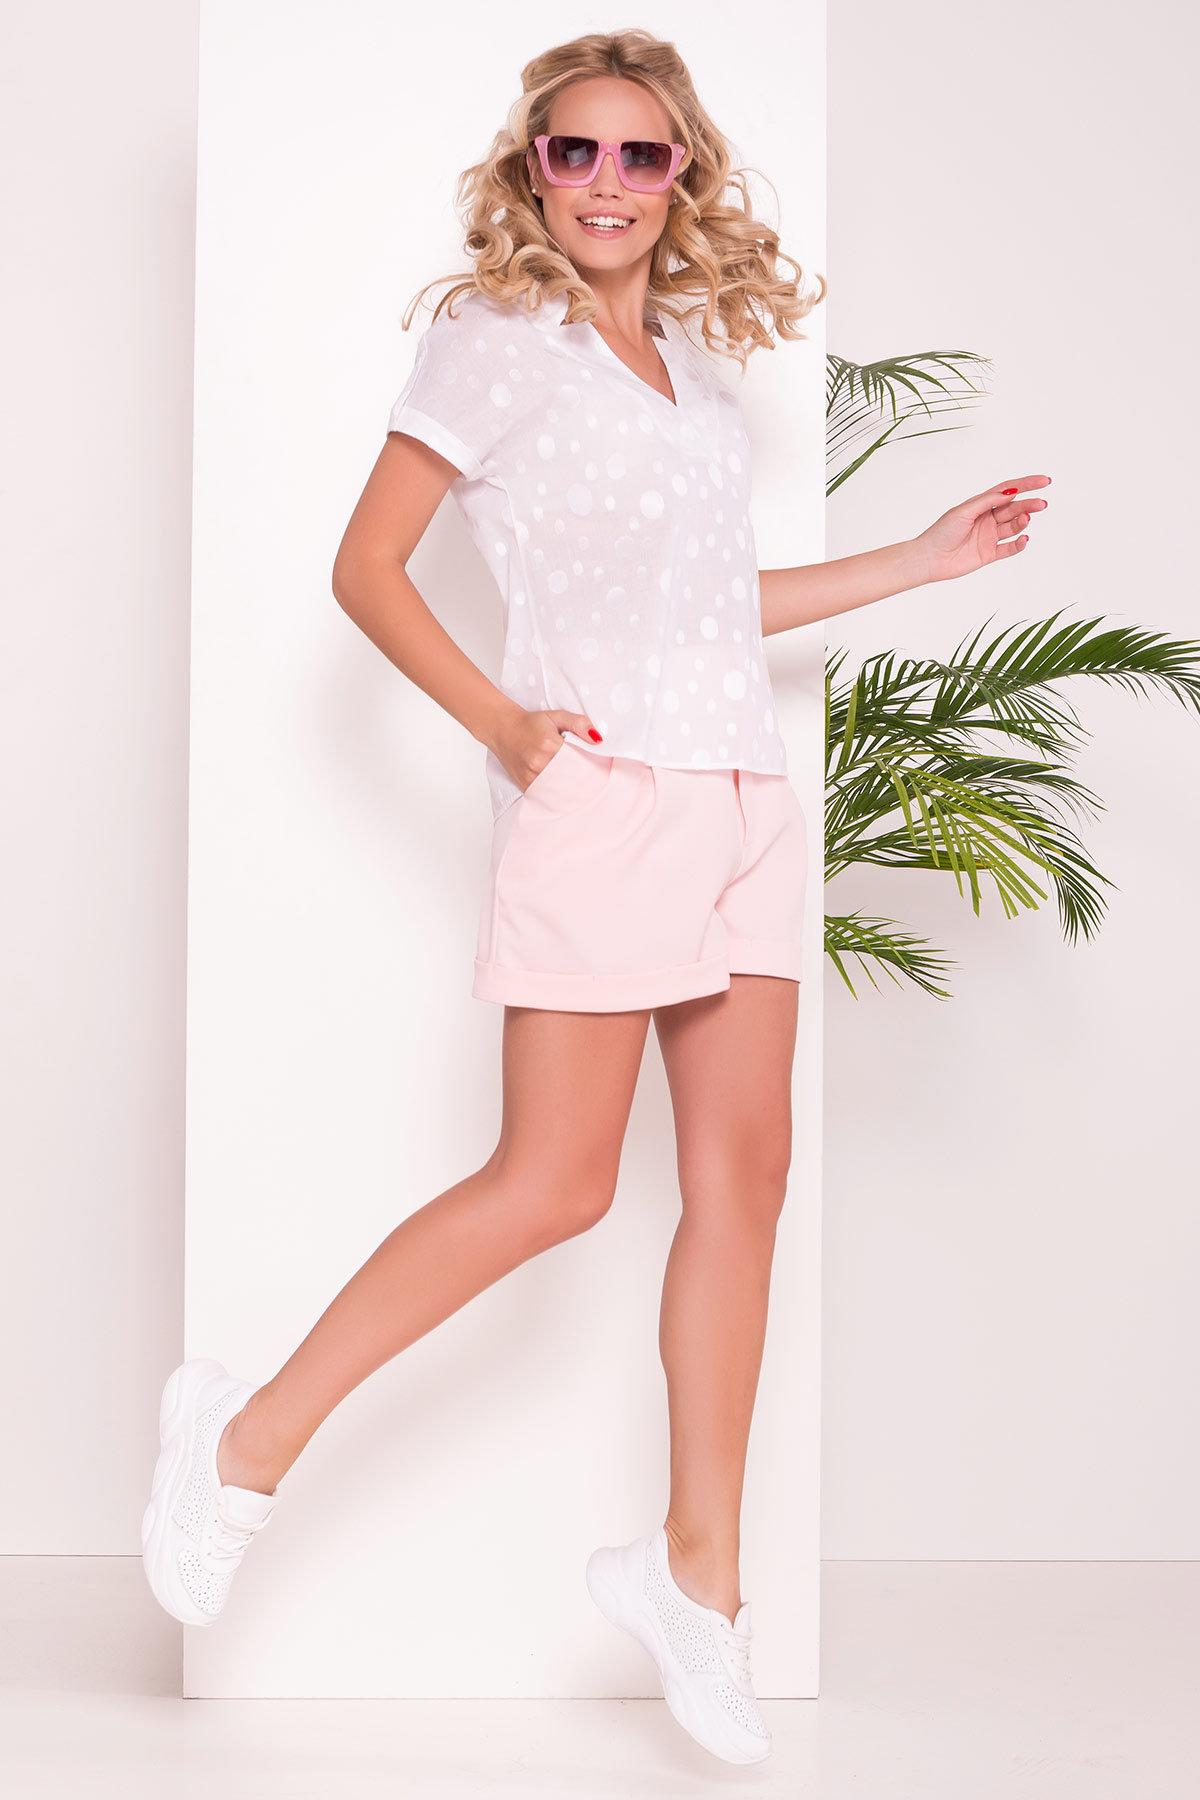 Оптом белые блузки от производителя Modus Топ Реноме 7388